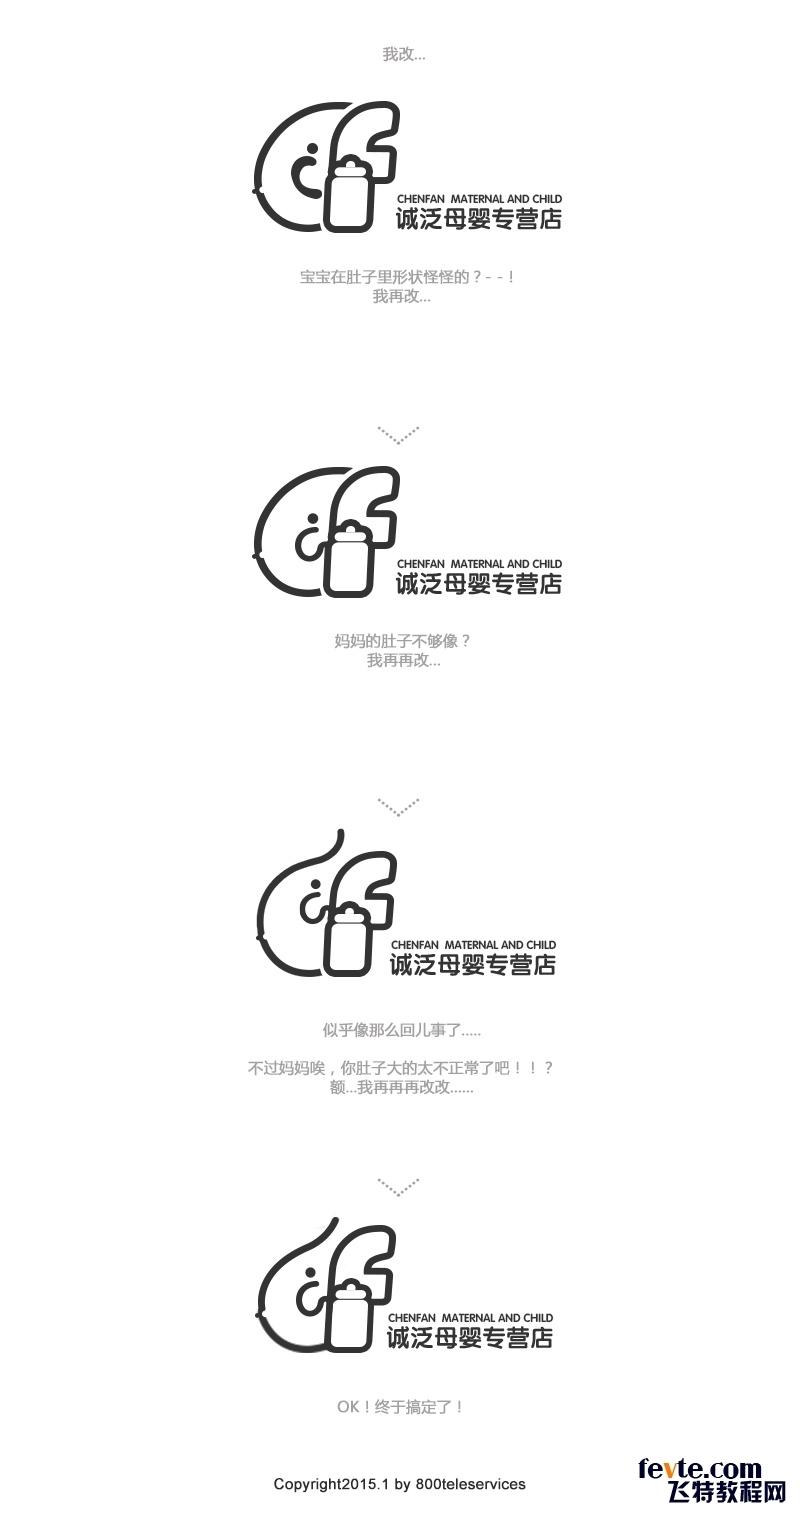 电商标志设计教程_4